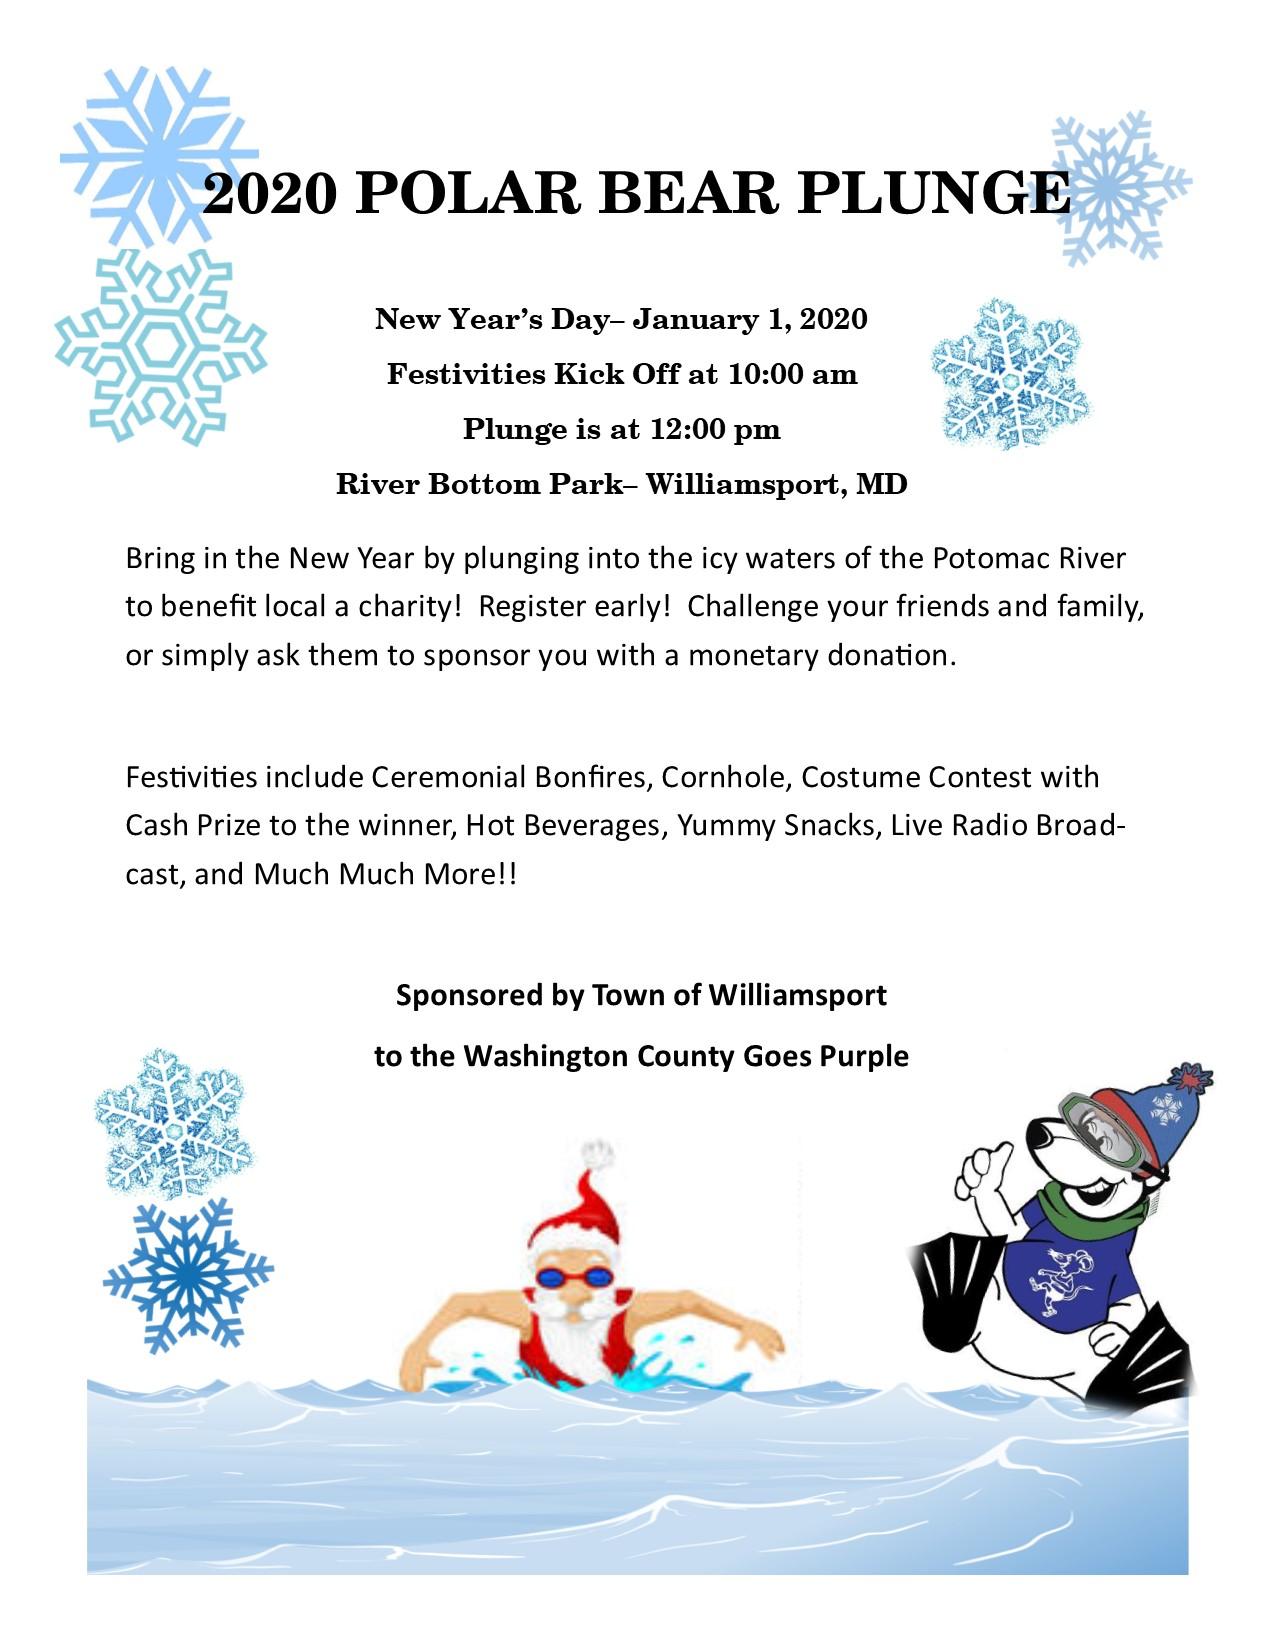 Polar Bear Plunge 2020